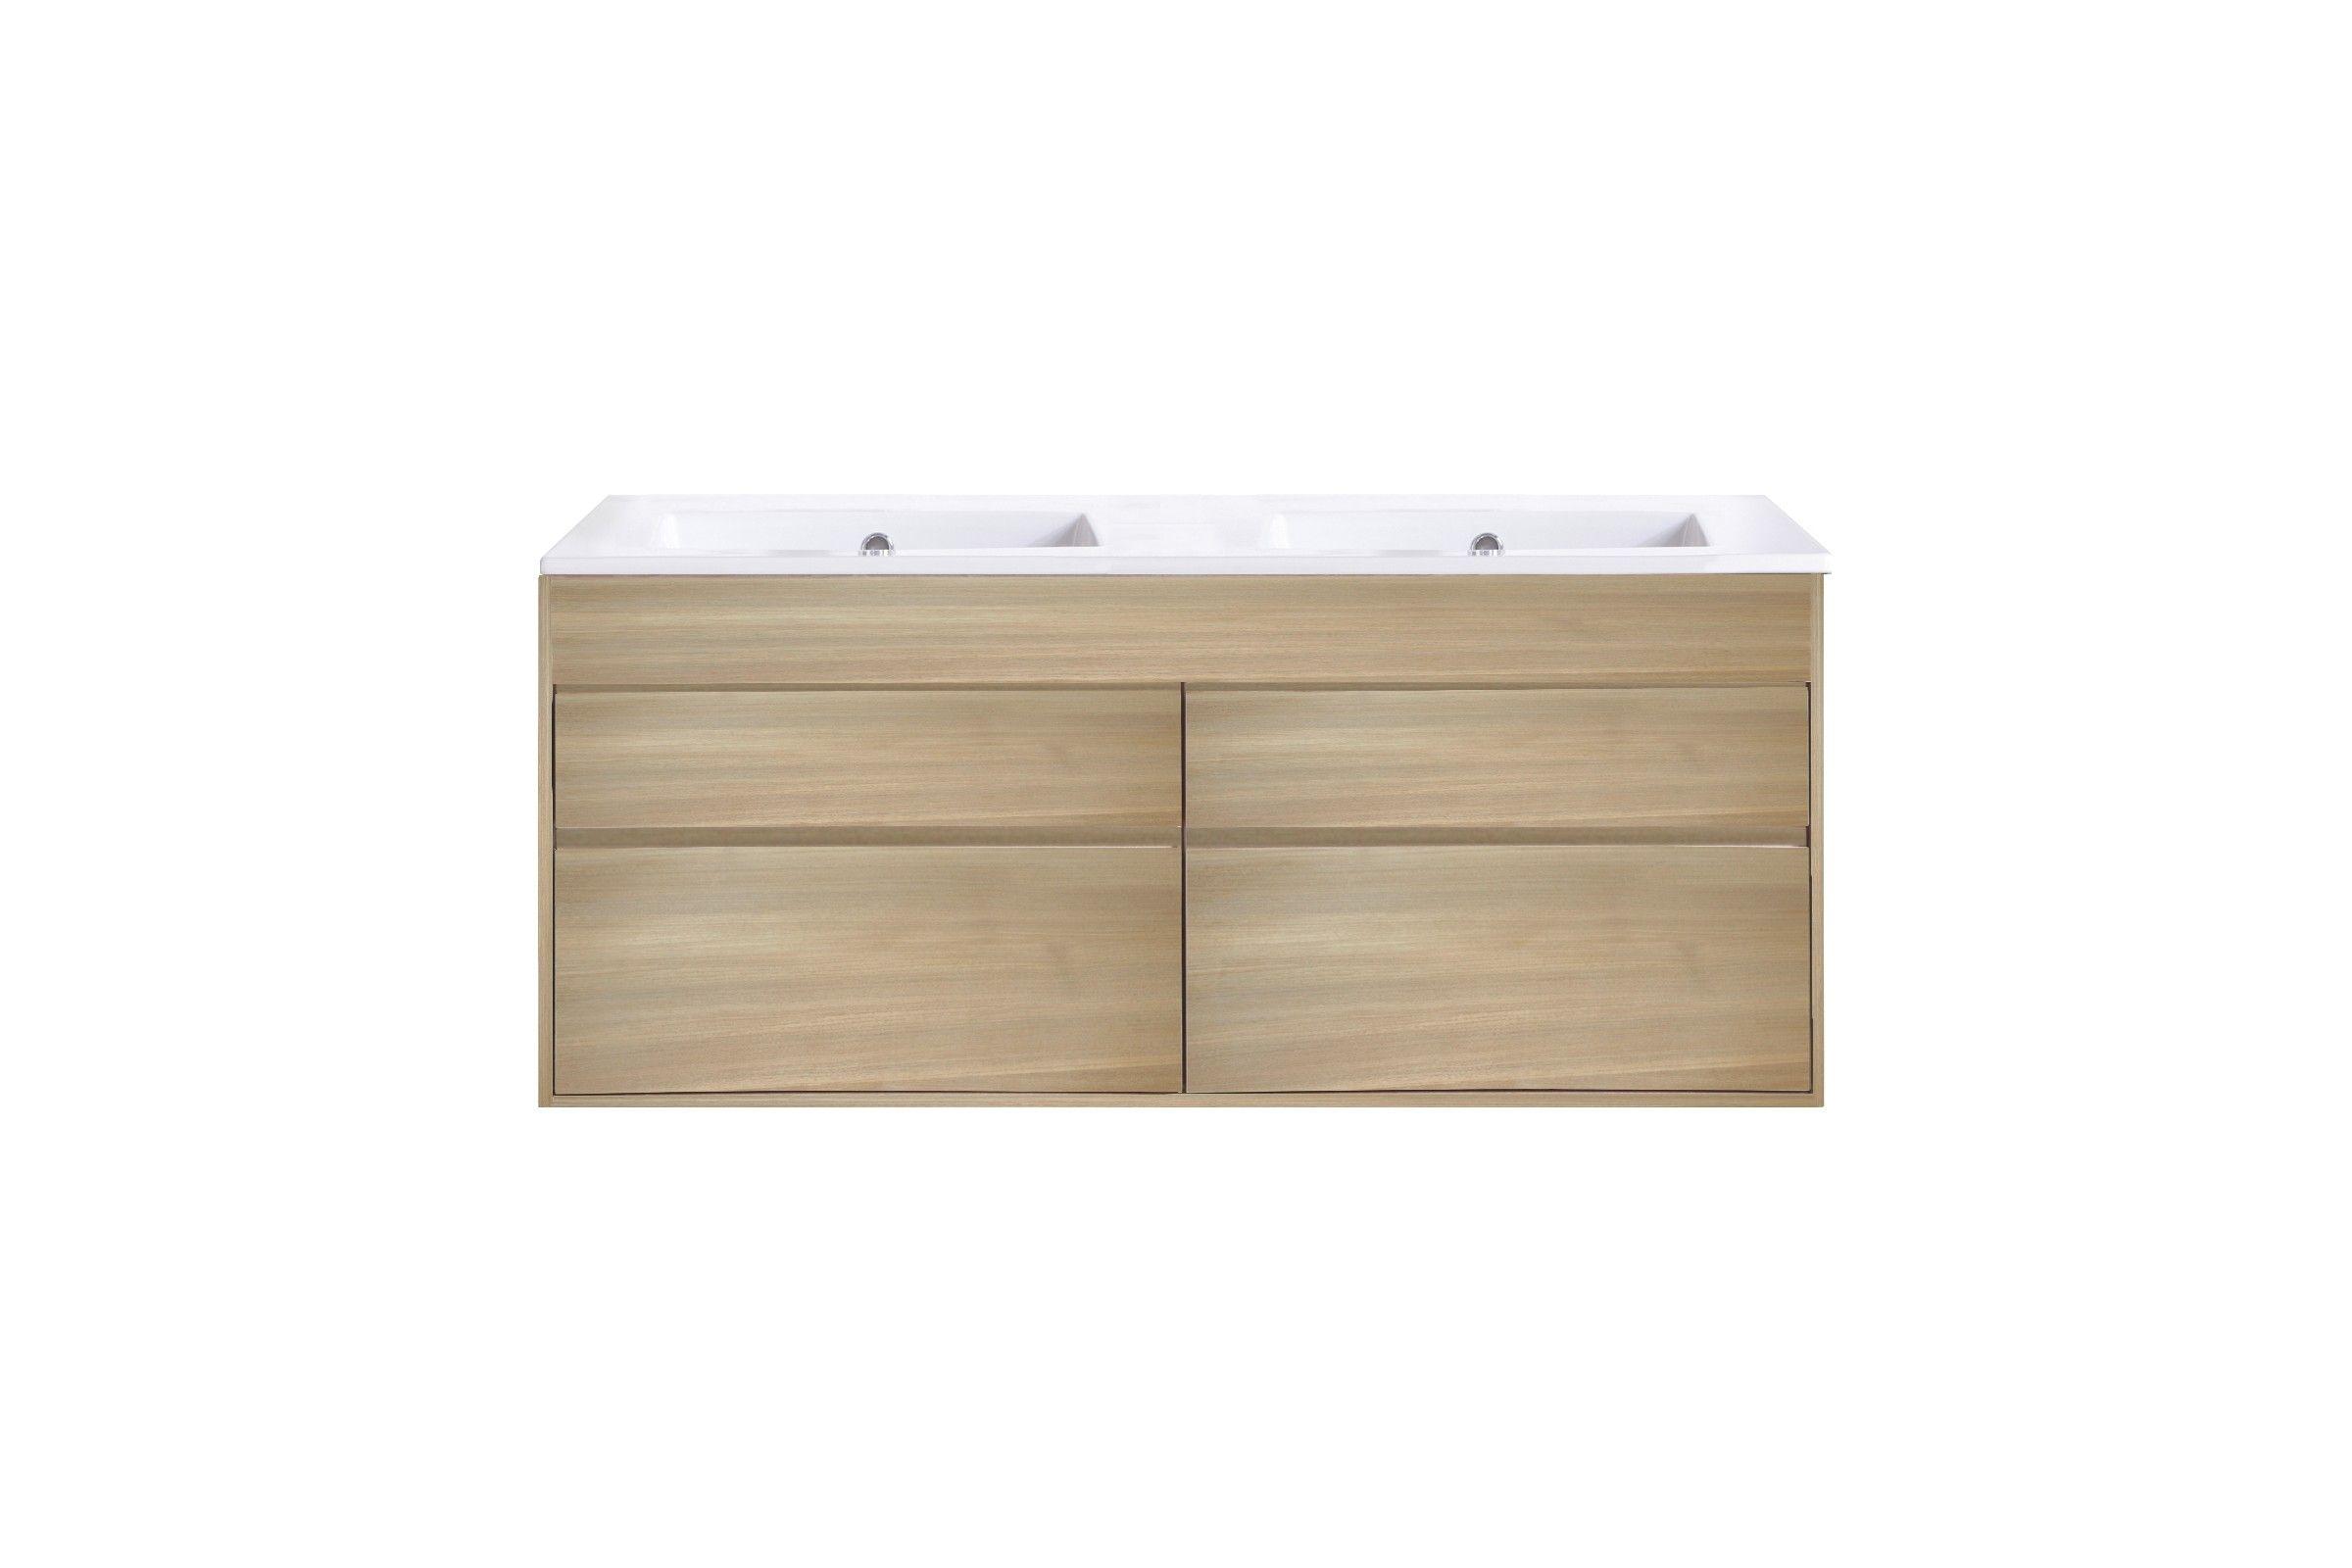 meuble suspendu en teck massif avec une double vasque la galerie du teck. Black Bedroom Furniture Sets. Home Design Ideas